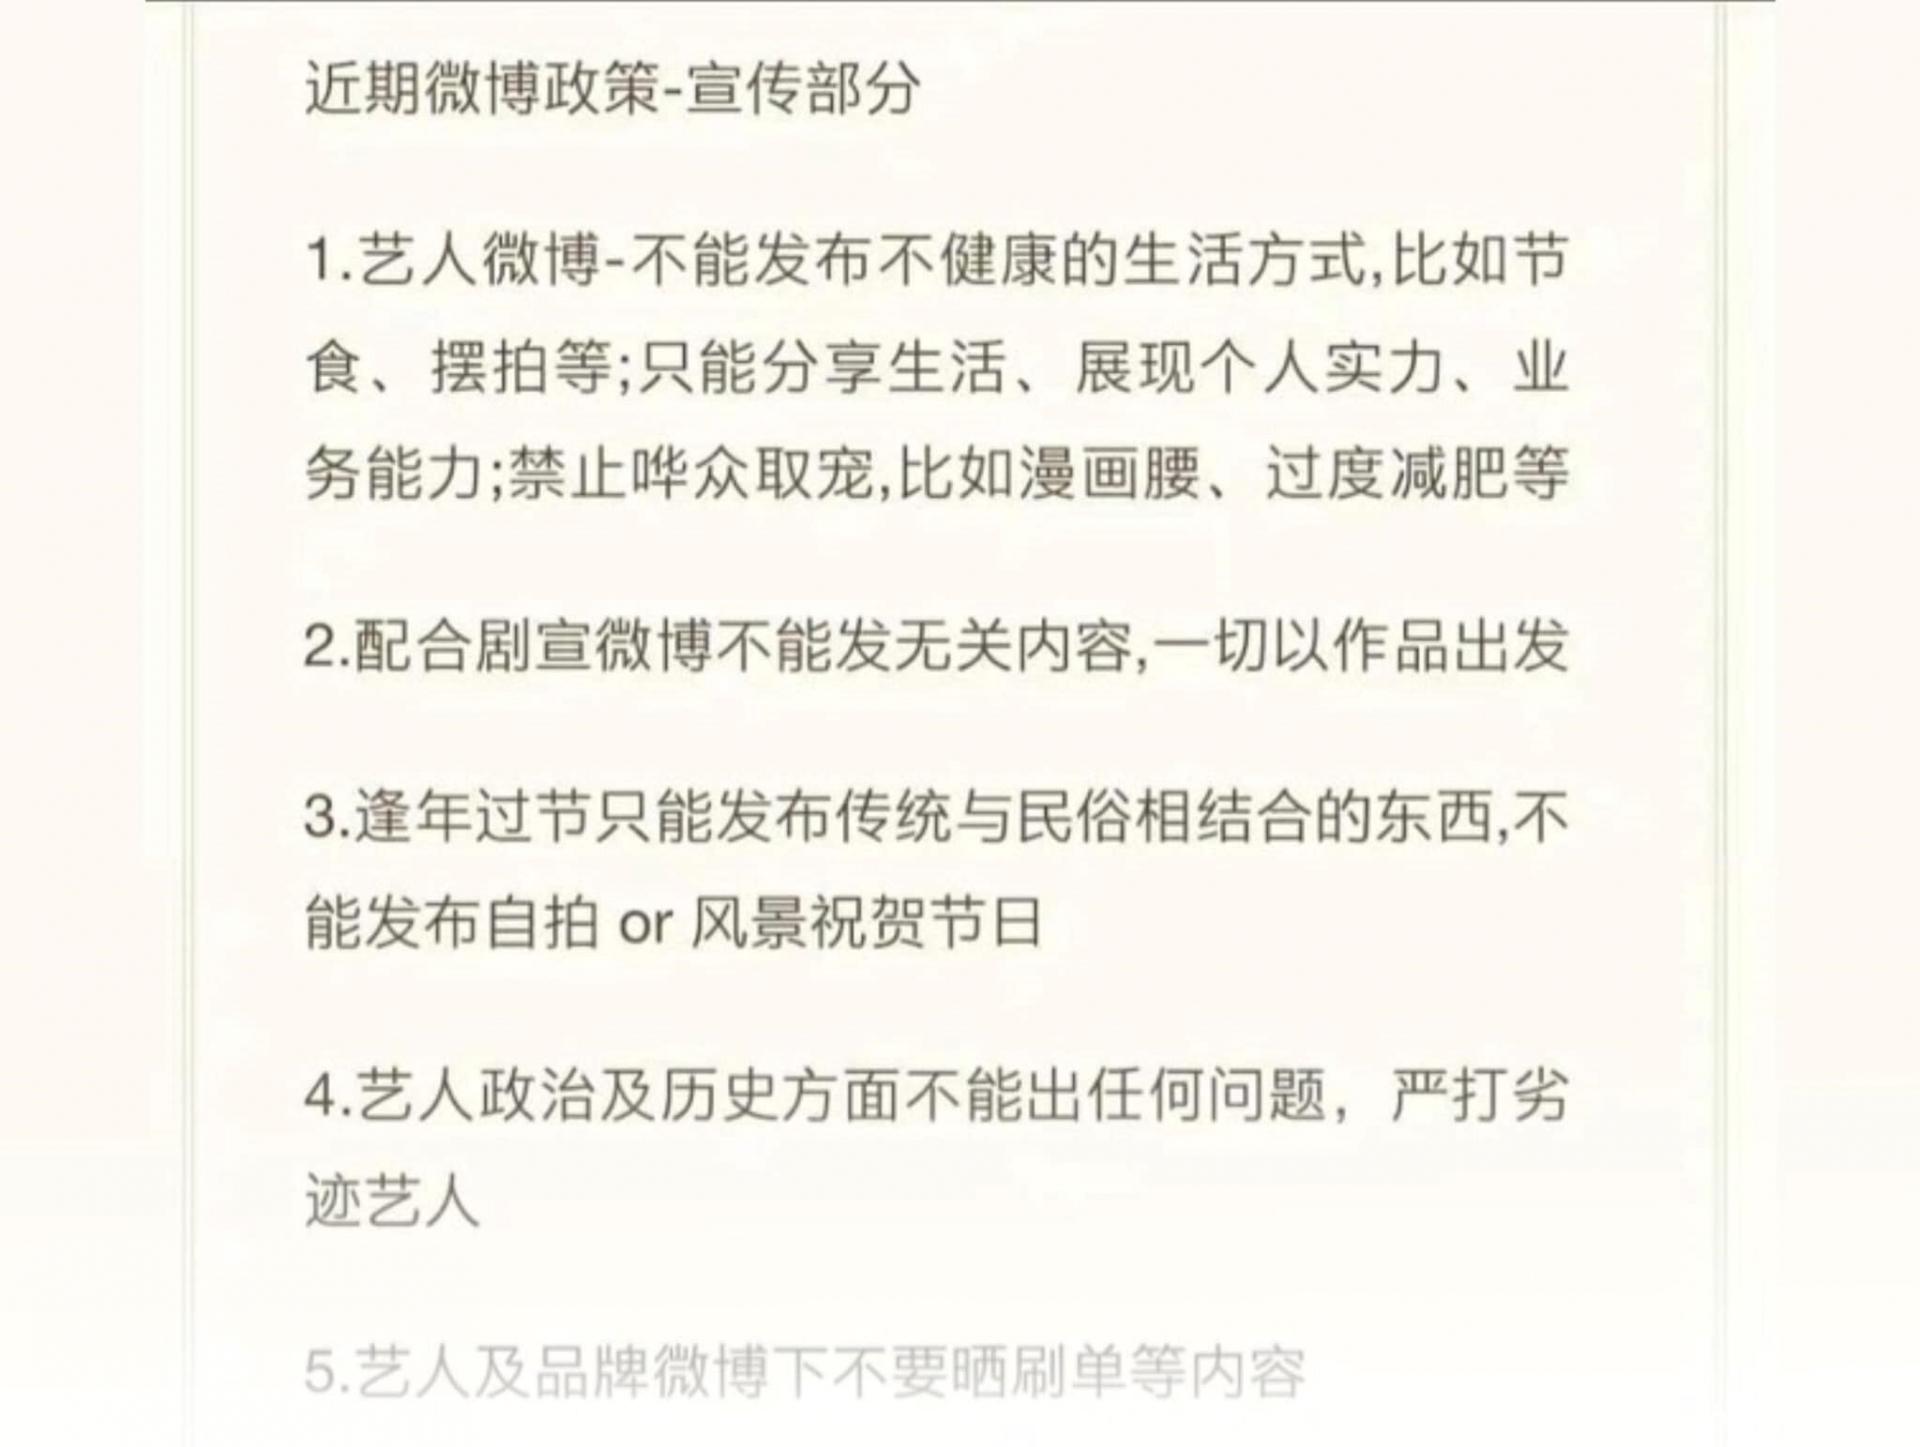 Sau 'triều đình', đến lượt Weibo o ép khiến nghệ sĩ không còn đường lui: Fan Tiêu Chiến, Nhất Bác phản kháng cực gắt? 1